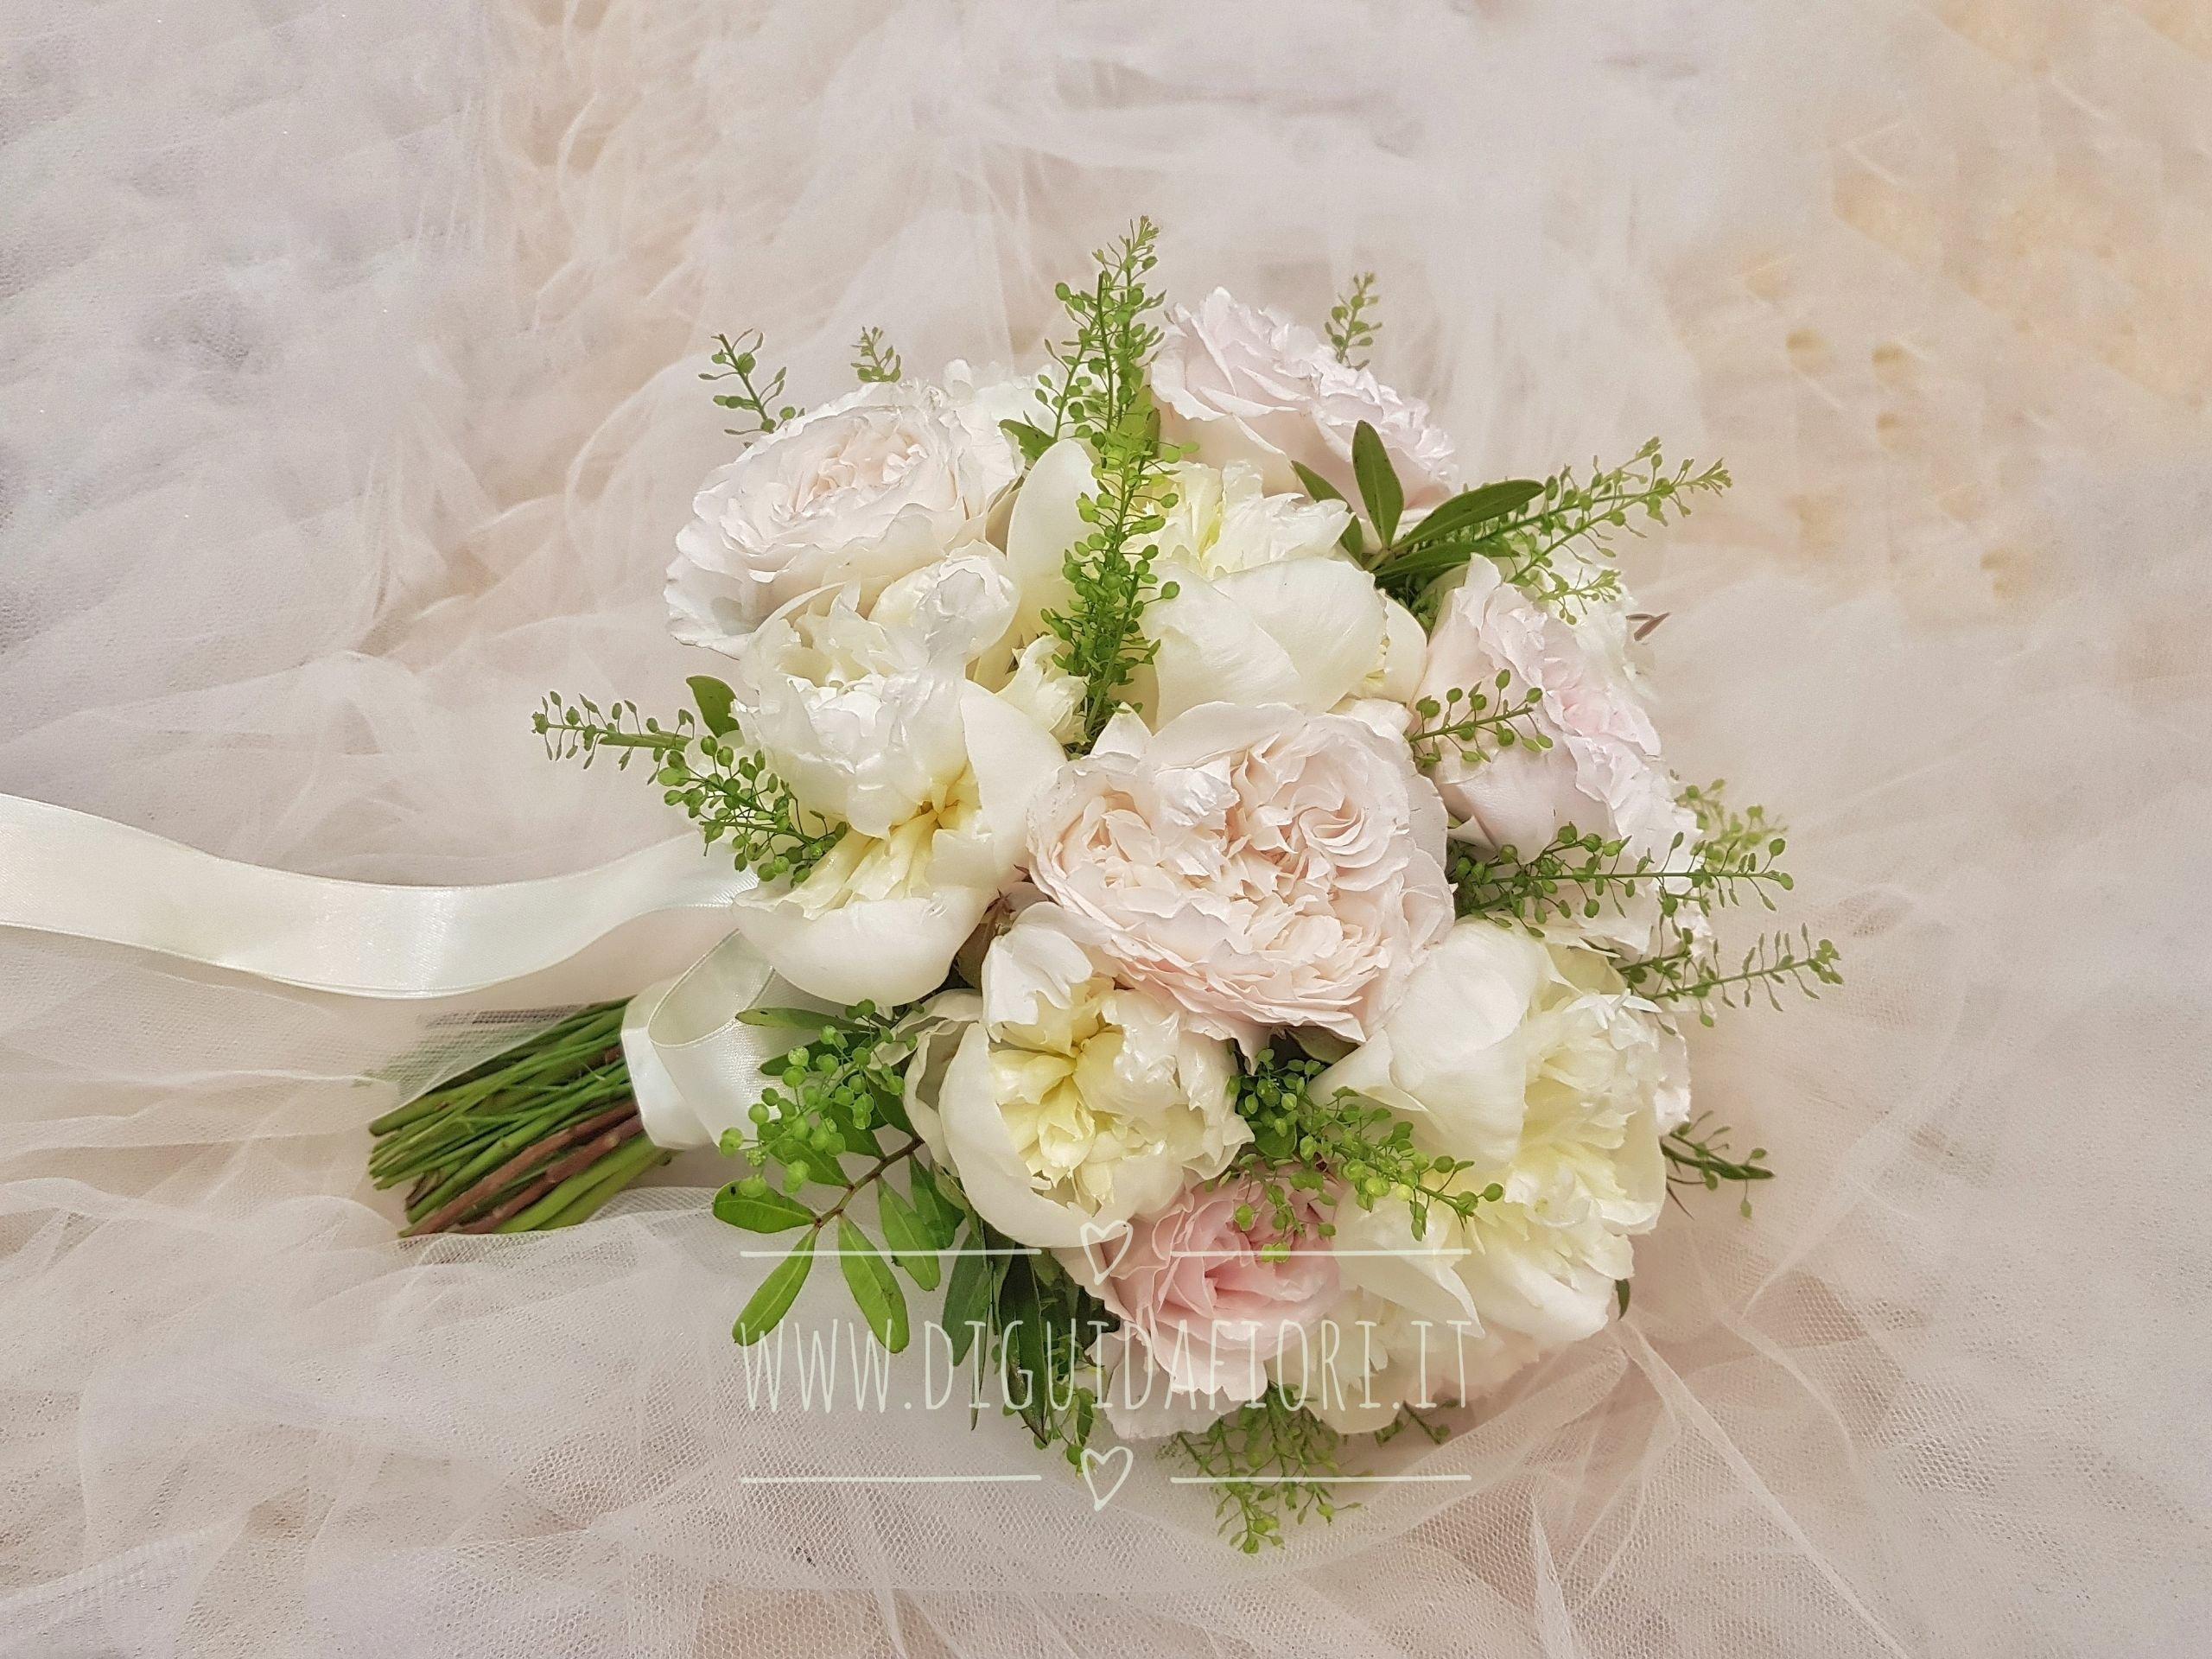 Addobbi floreali rosa antico fiorista roberto di guida for Rose inglesi